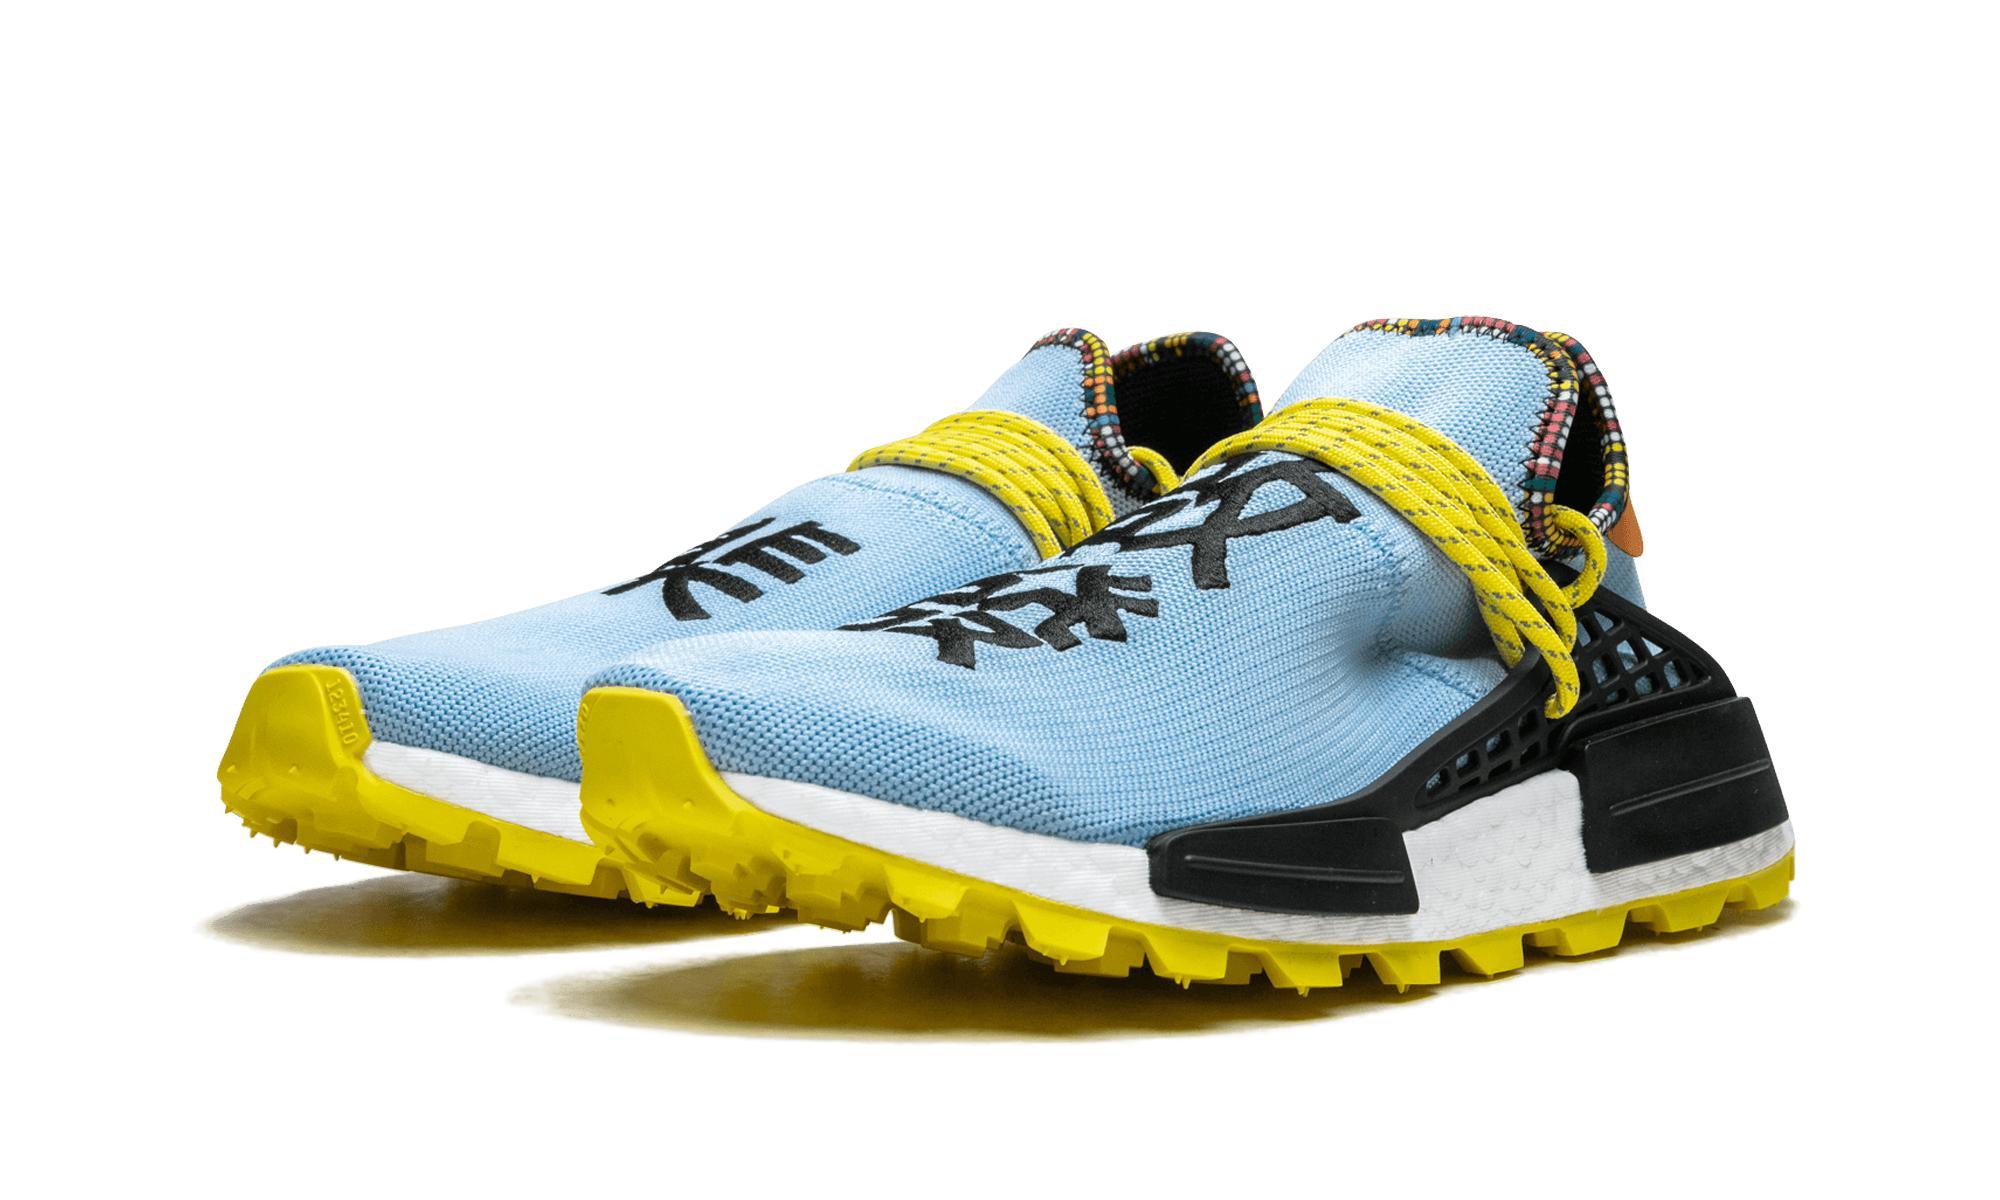 Lyst - adidas Pw Solar Hu Nmd in Blue for Men fa9f0e120